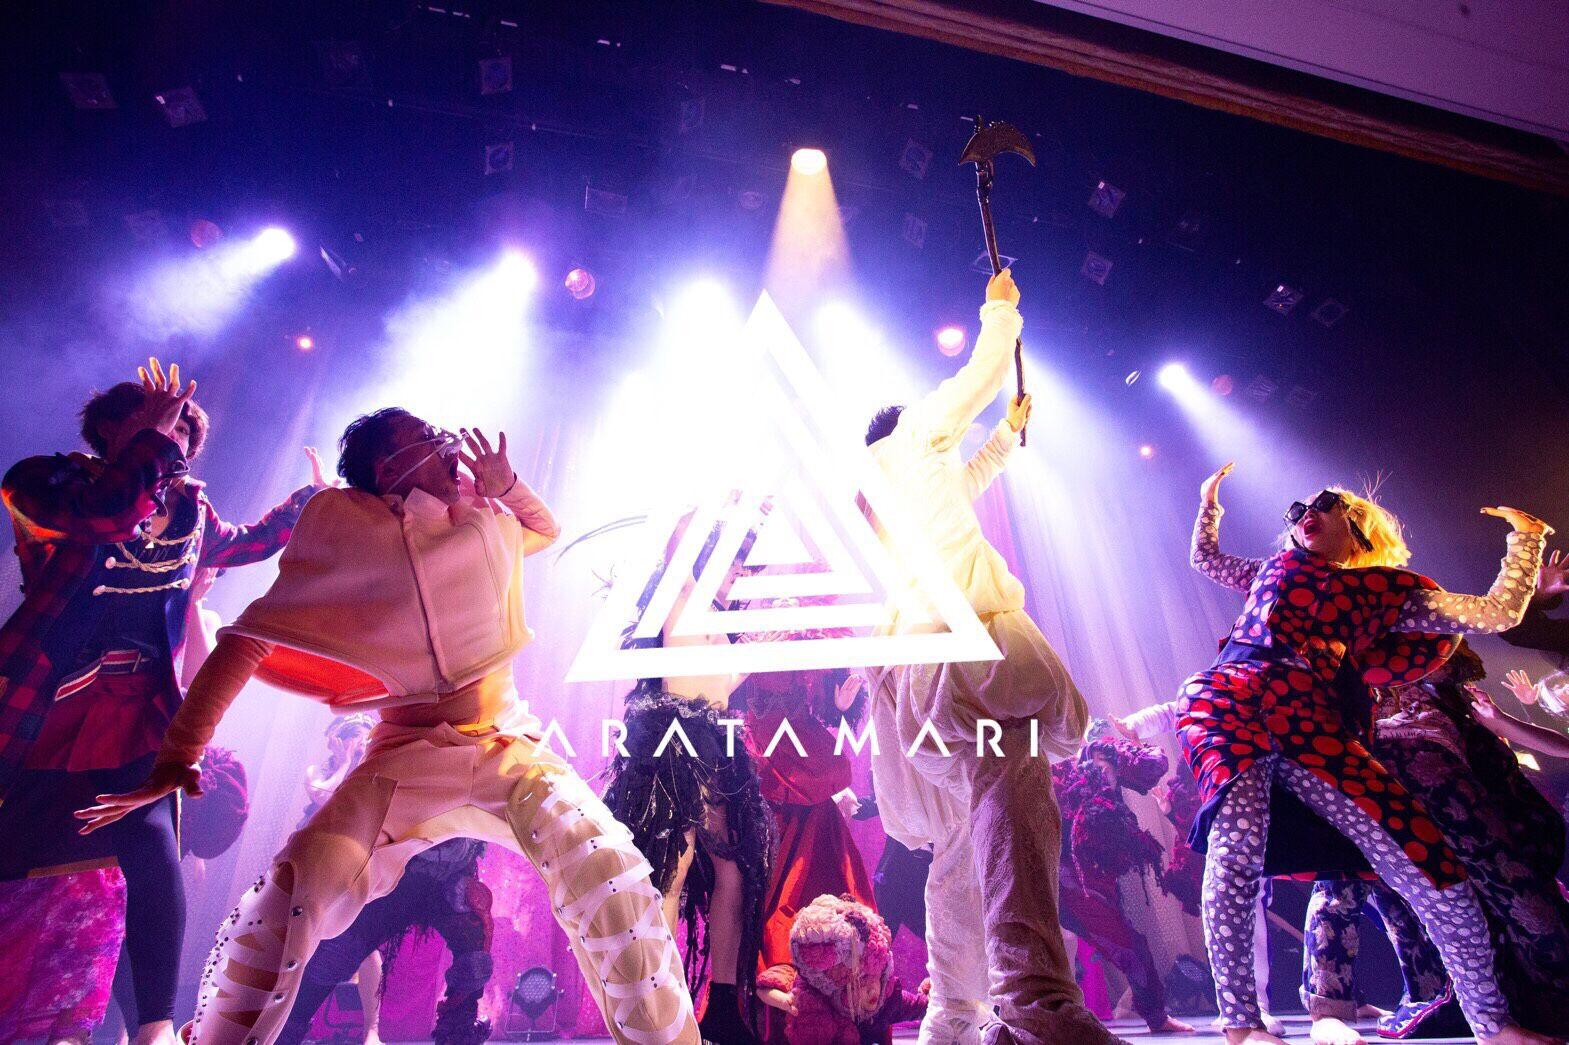 記事「ダンサーキャストを募集!「ARATAMARI SHOW Vol.2」とは!?」の画像